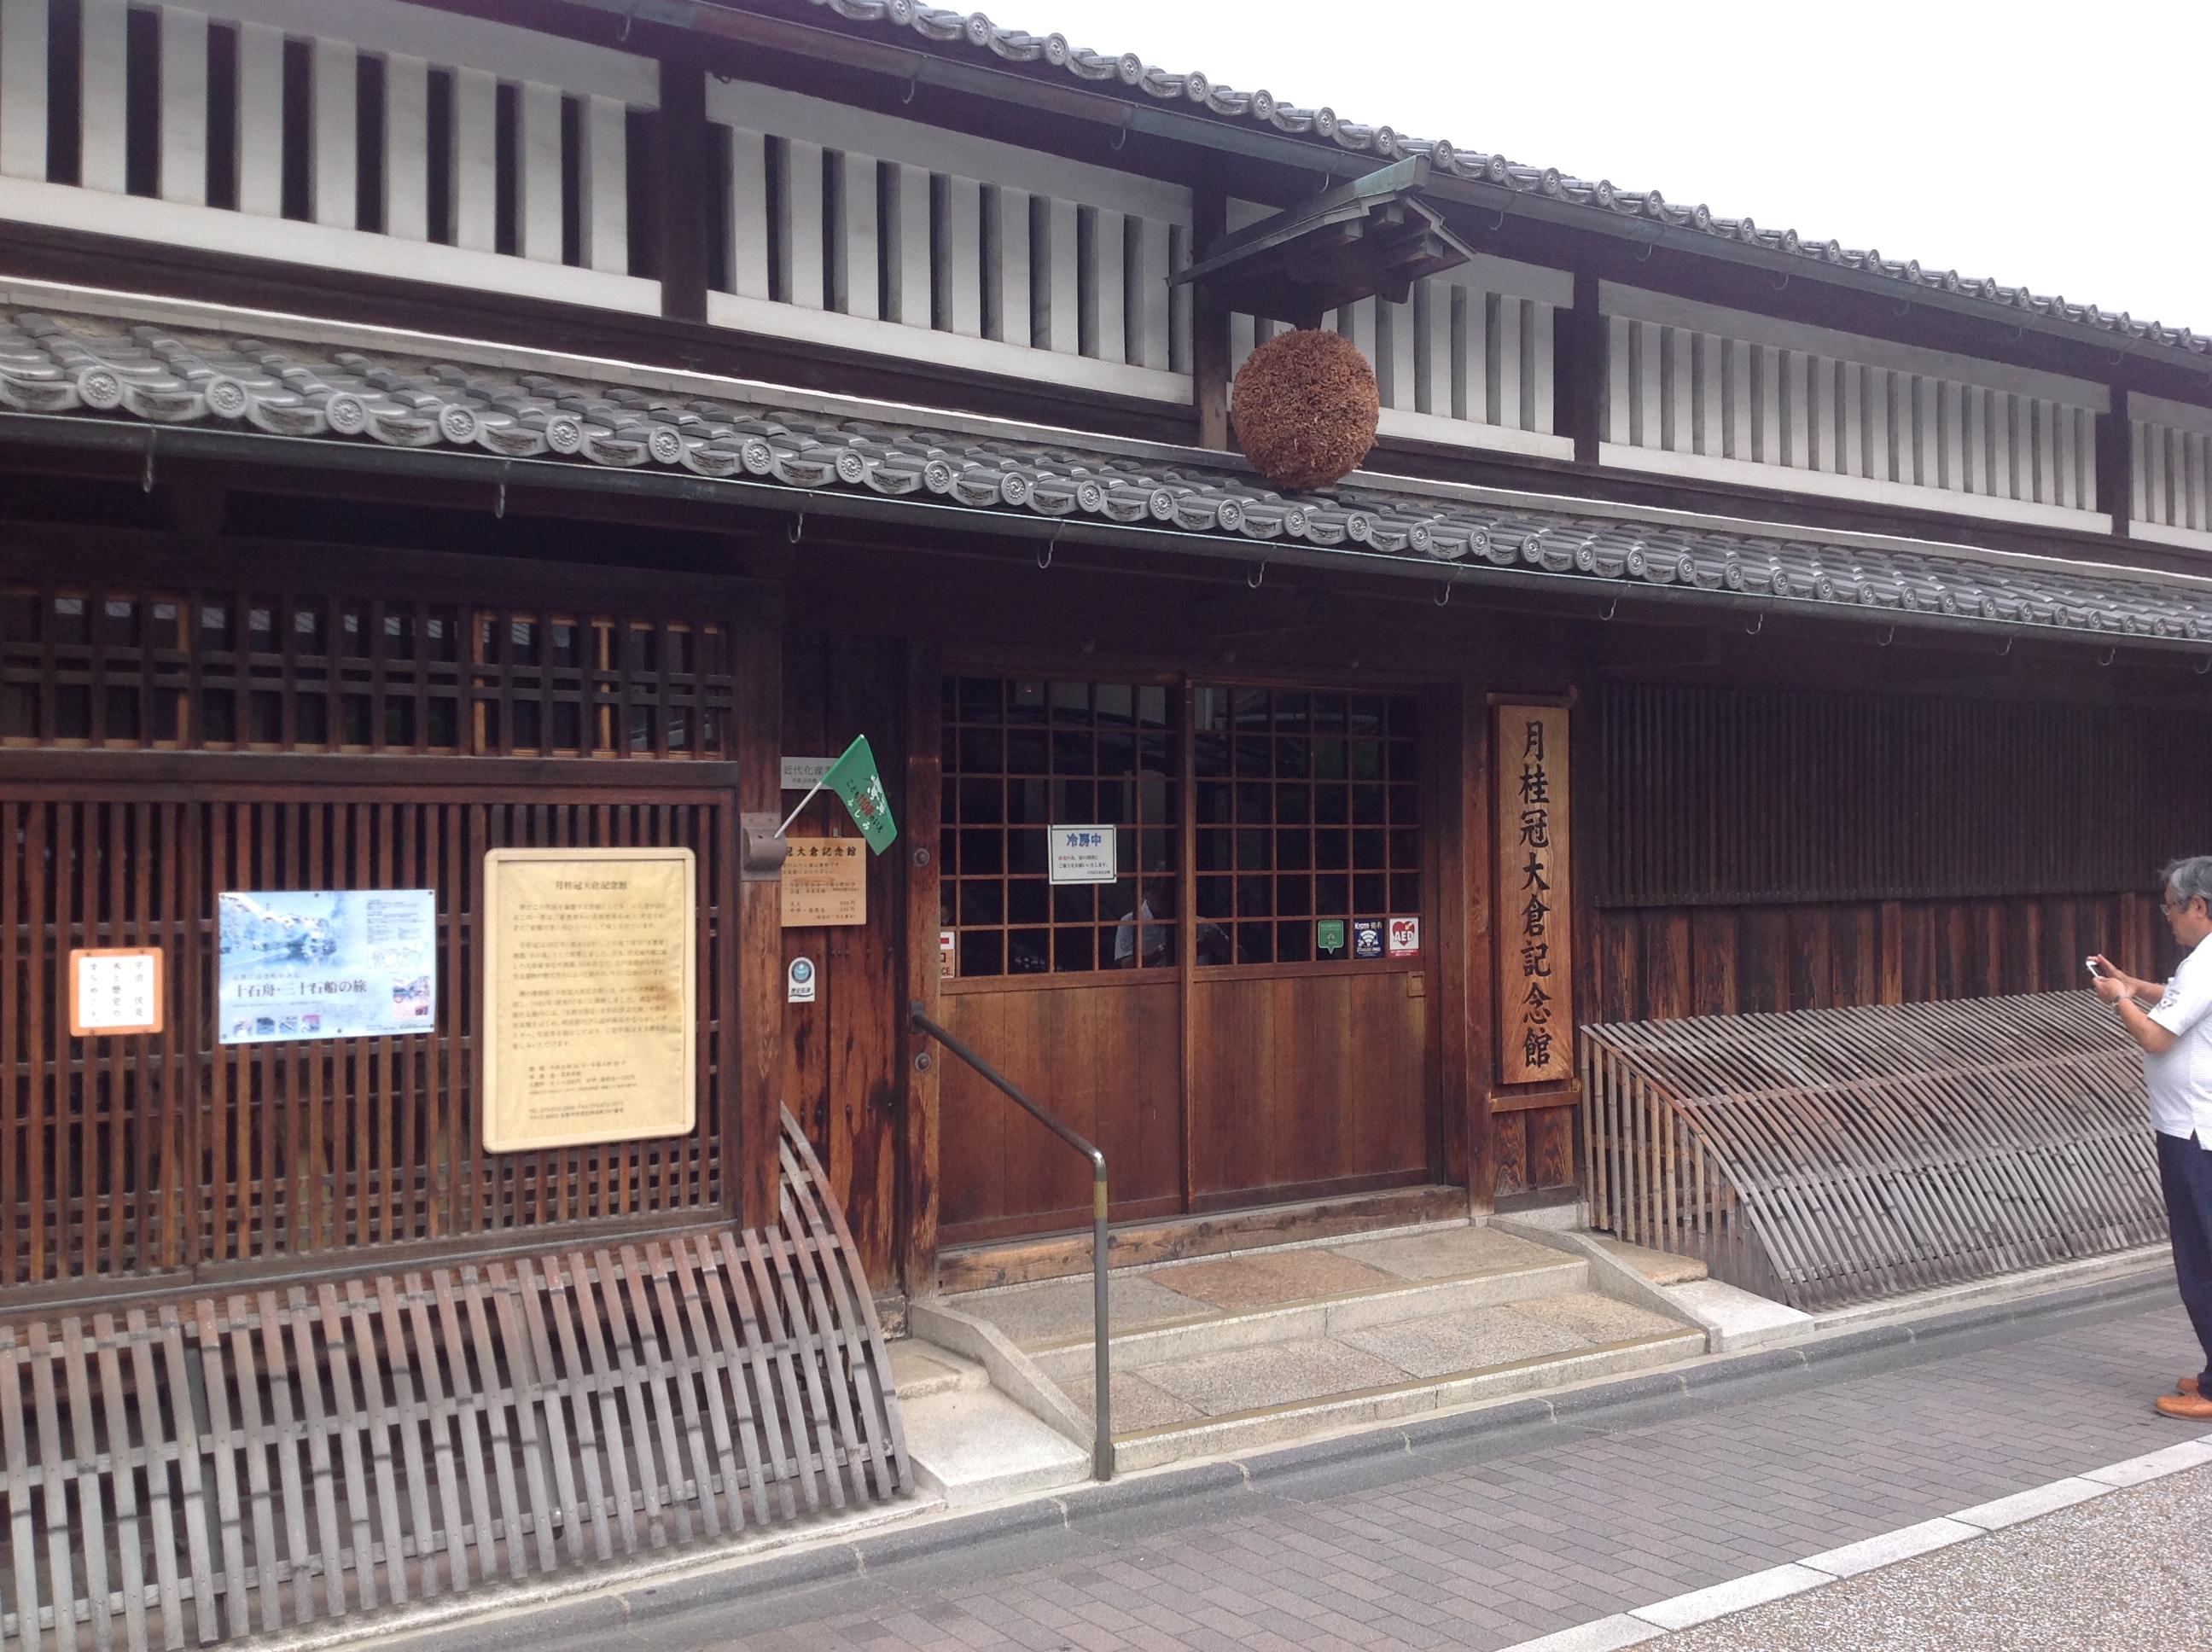 京都出張 その5 月桂冠